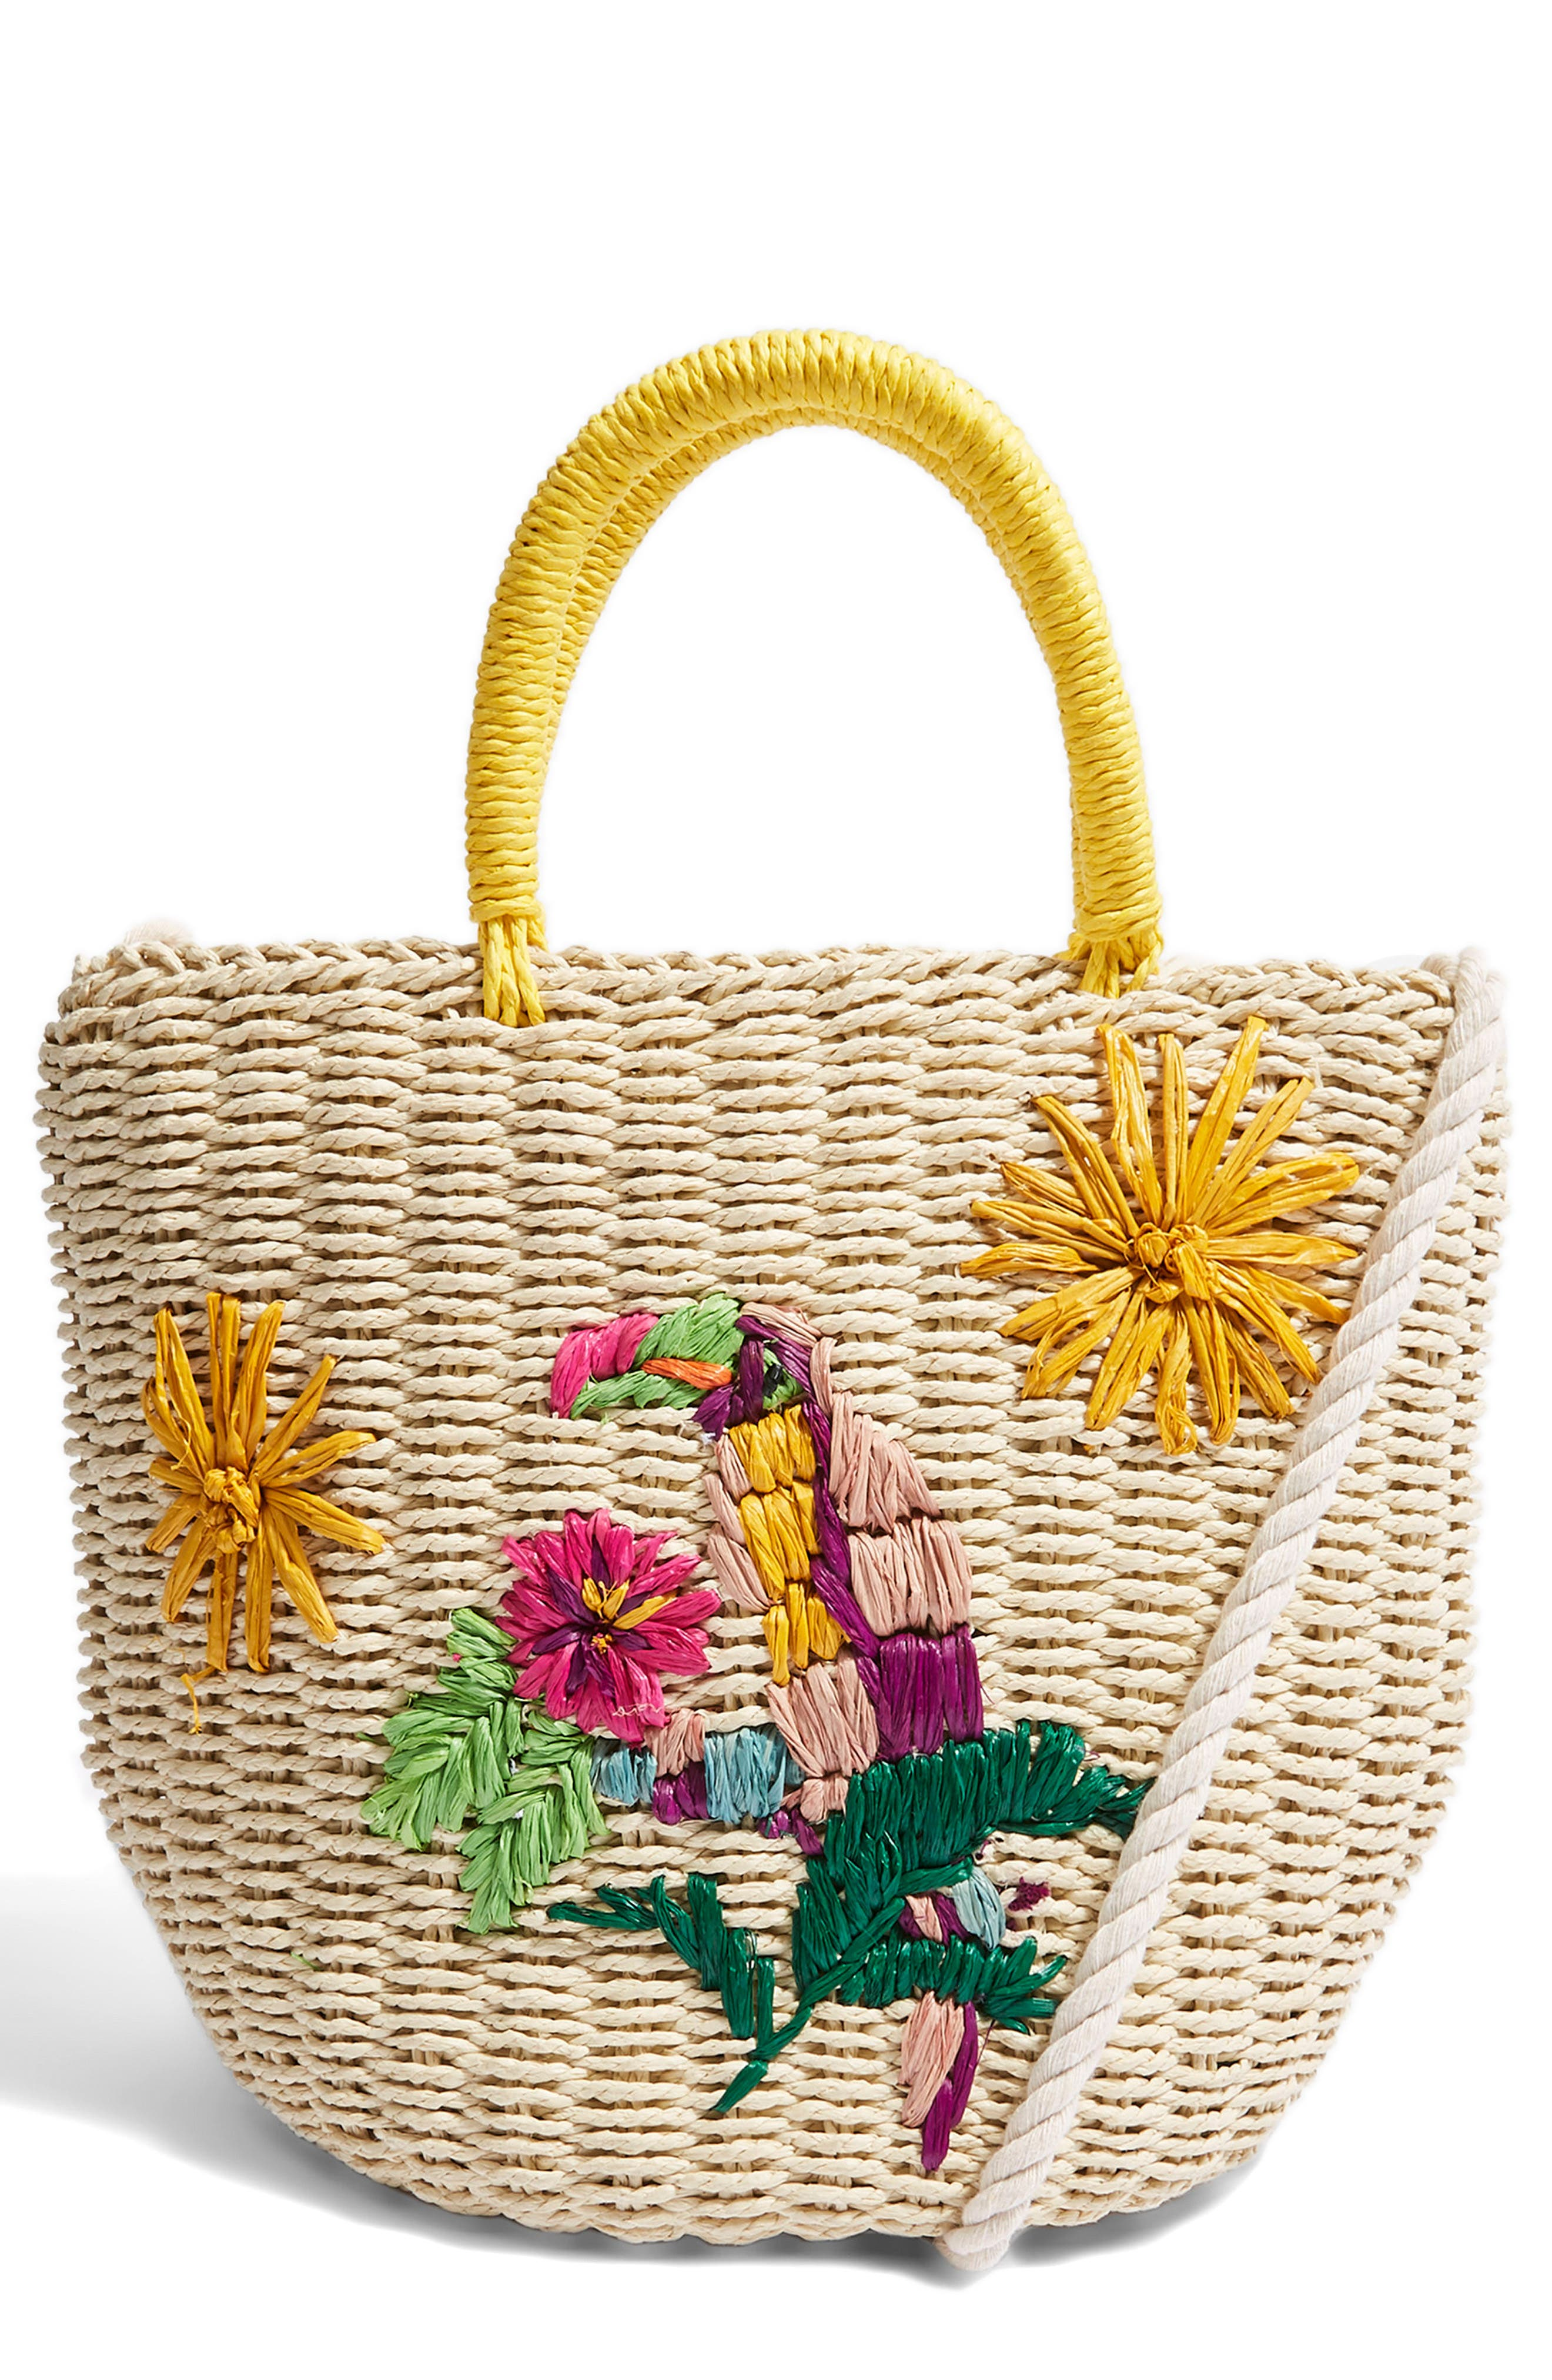 Betsy Toucan Straw Bag,                             Main thumbnail 1, color,                             250